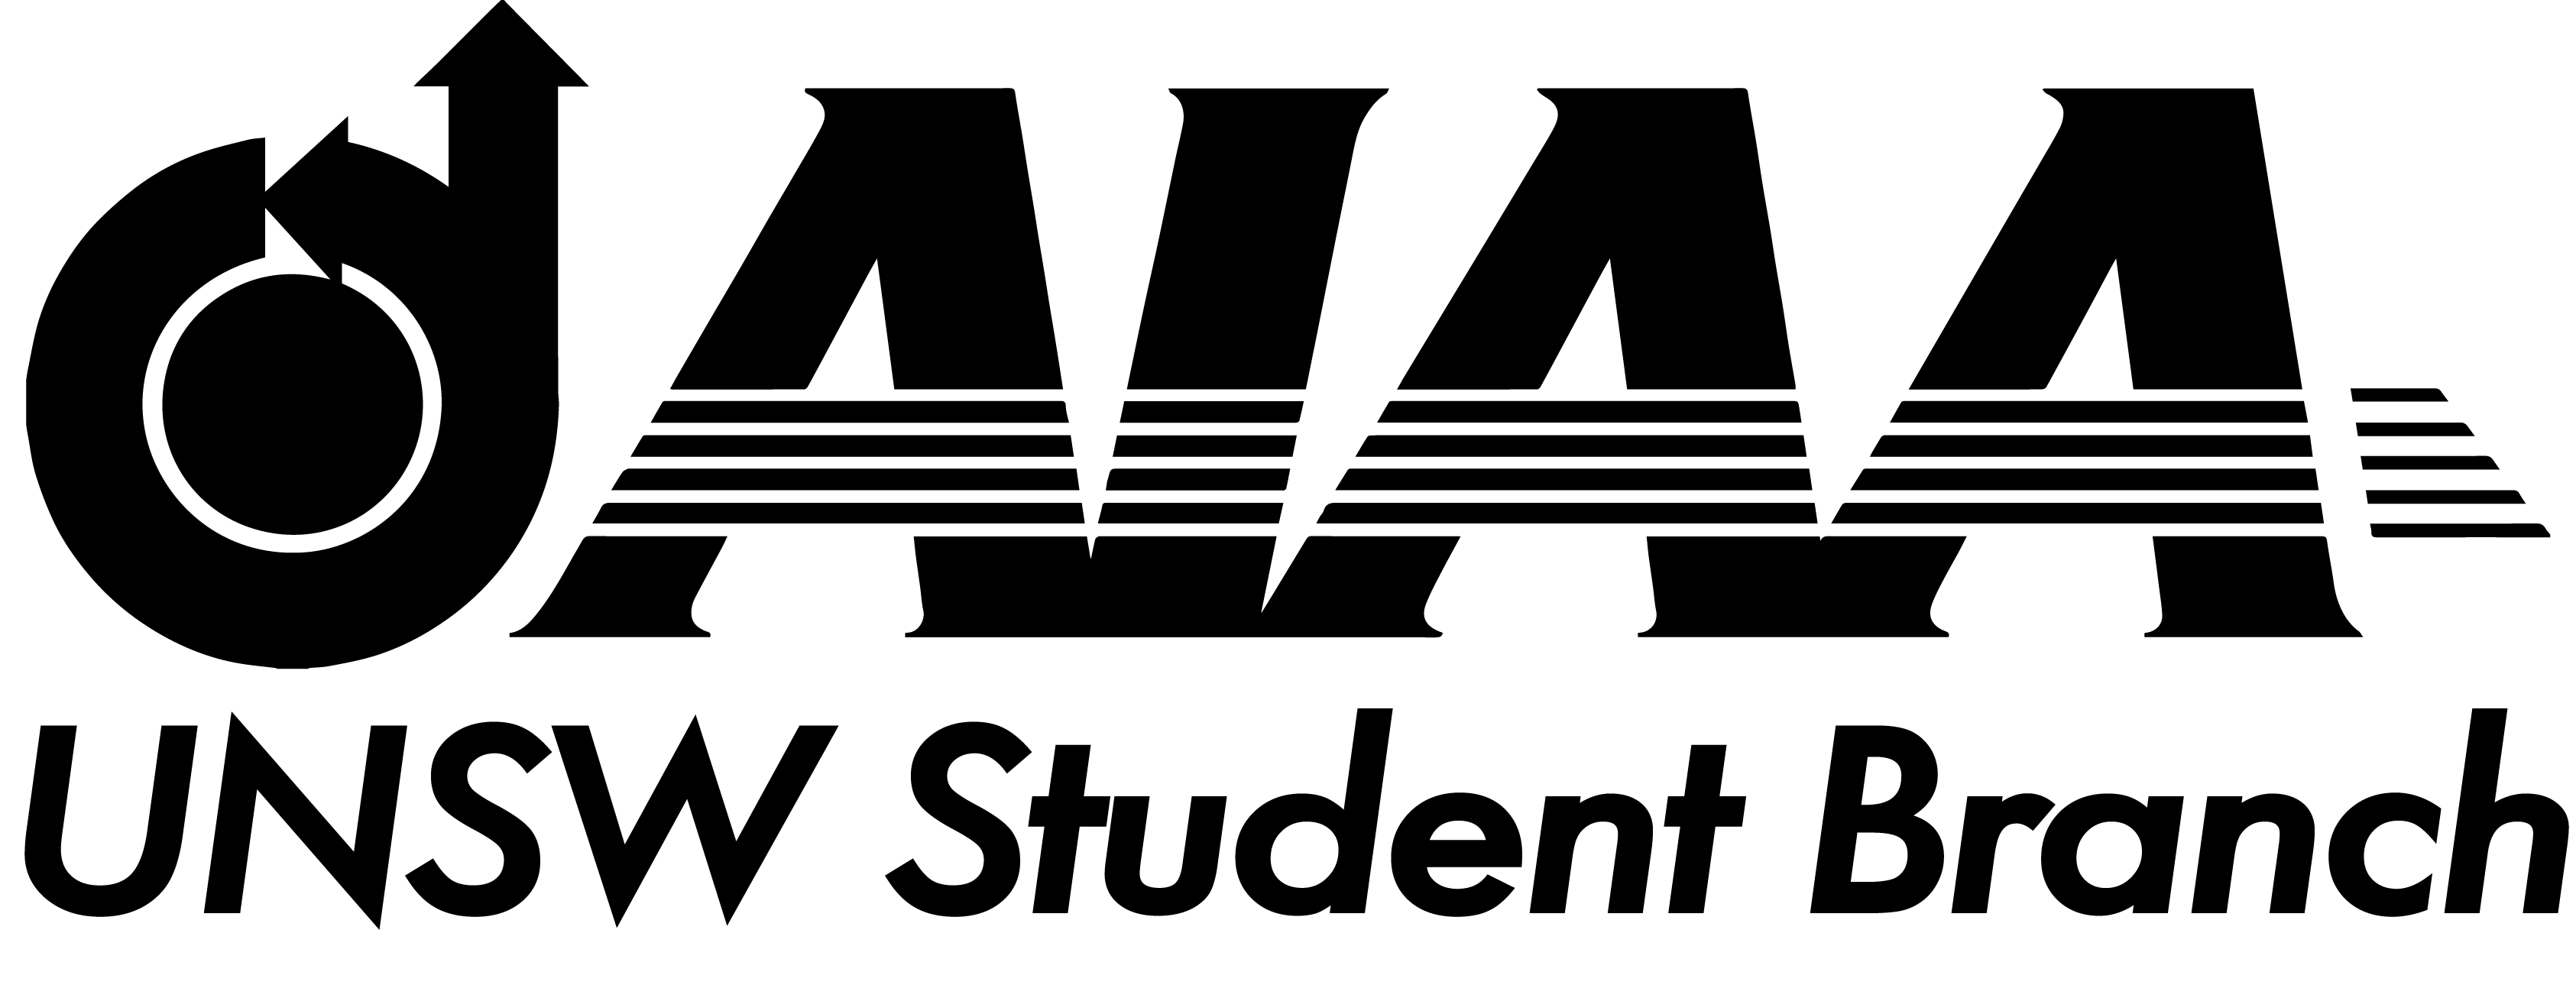 61a777e80dc5cf531fbf9b21cf052c48